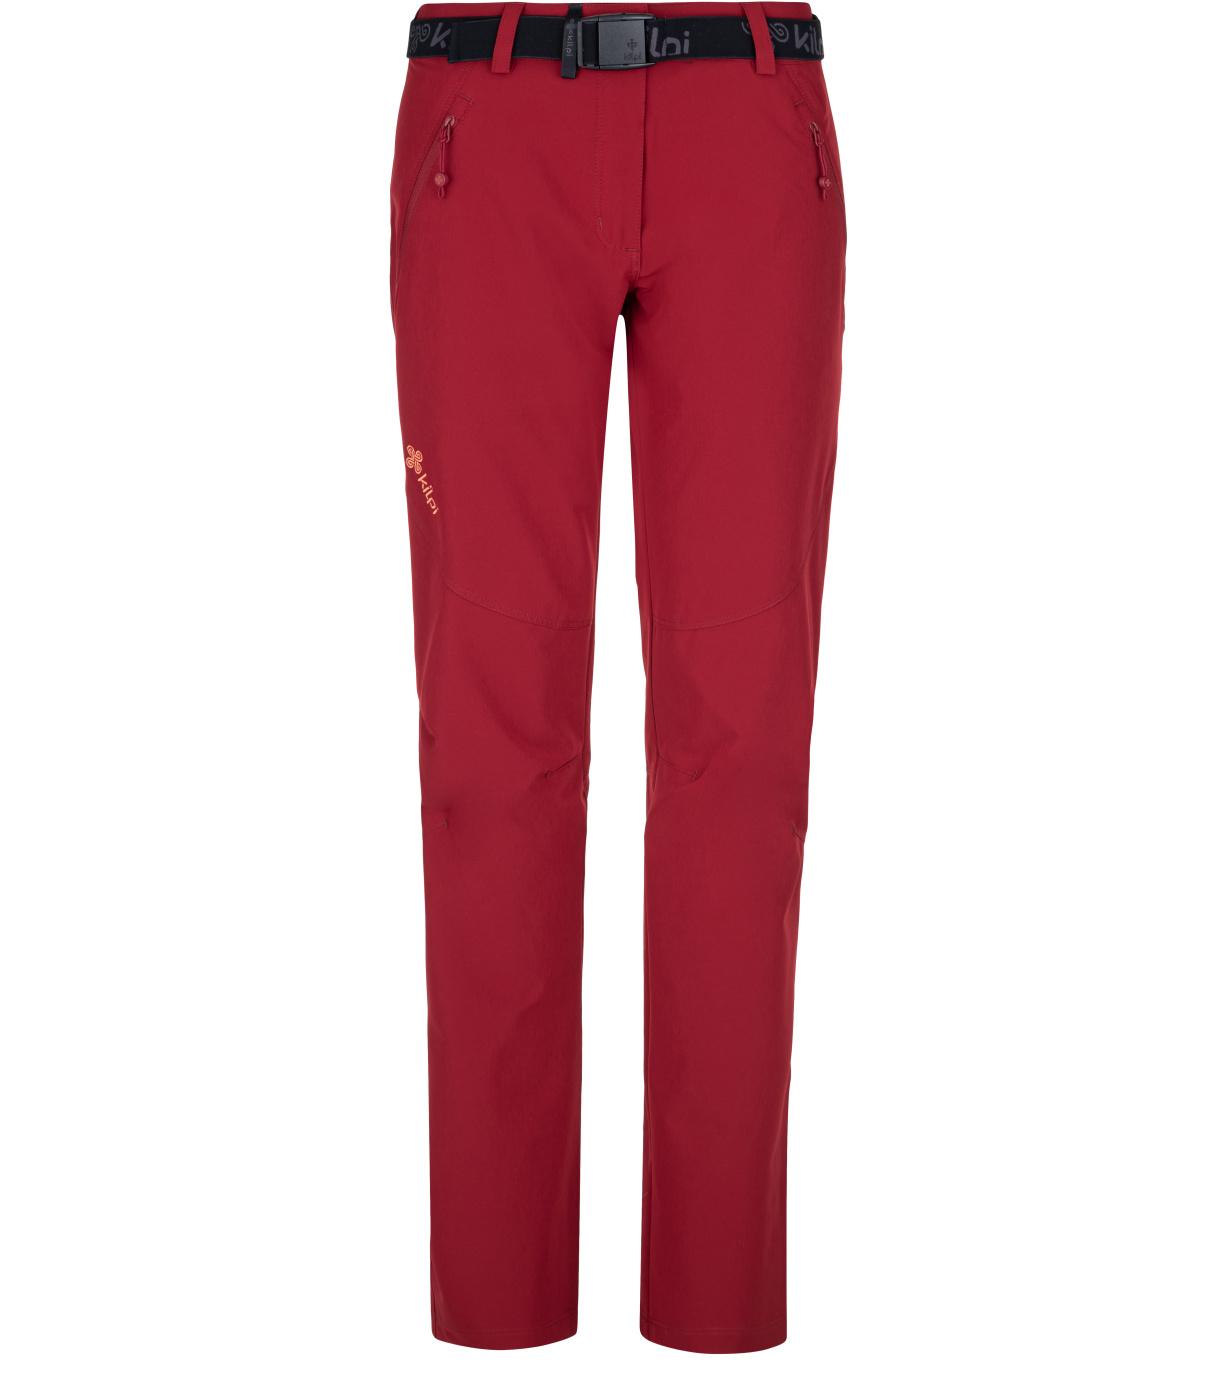 KILPI Dámské outdoorové kalhoty - větší velikosti WANAKA-W PLX027KIDRD Červená 48